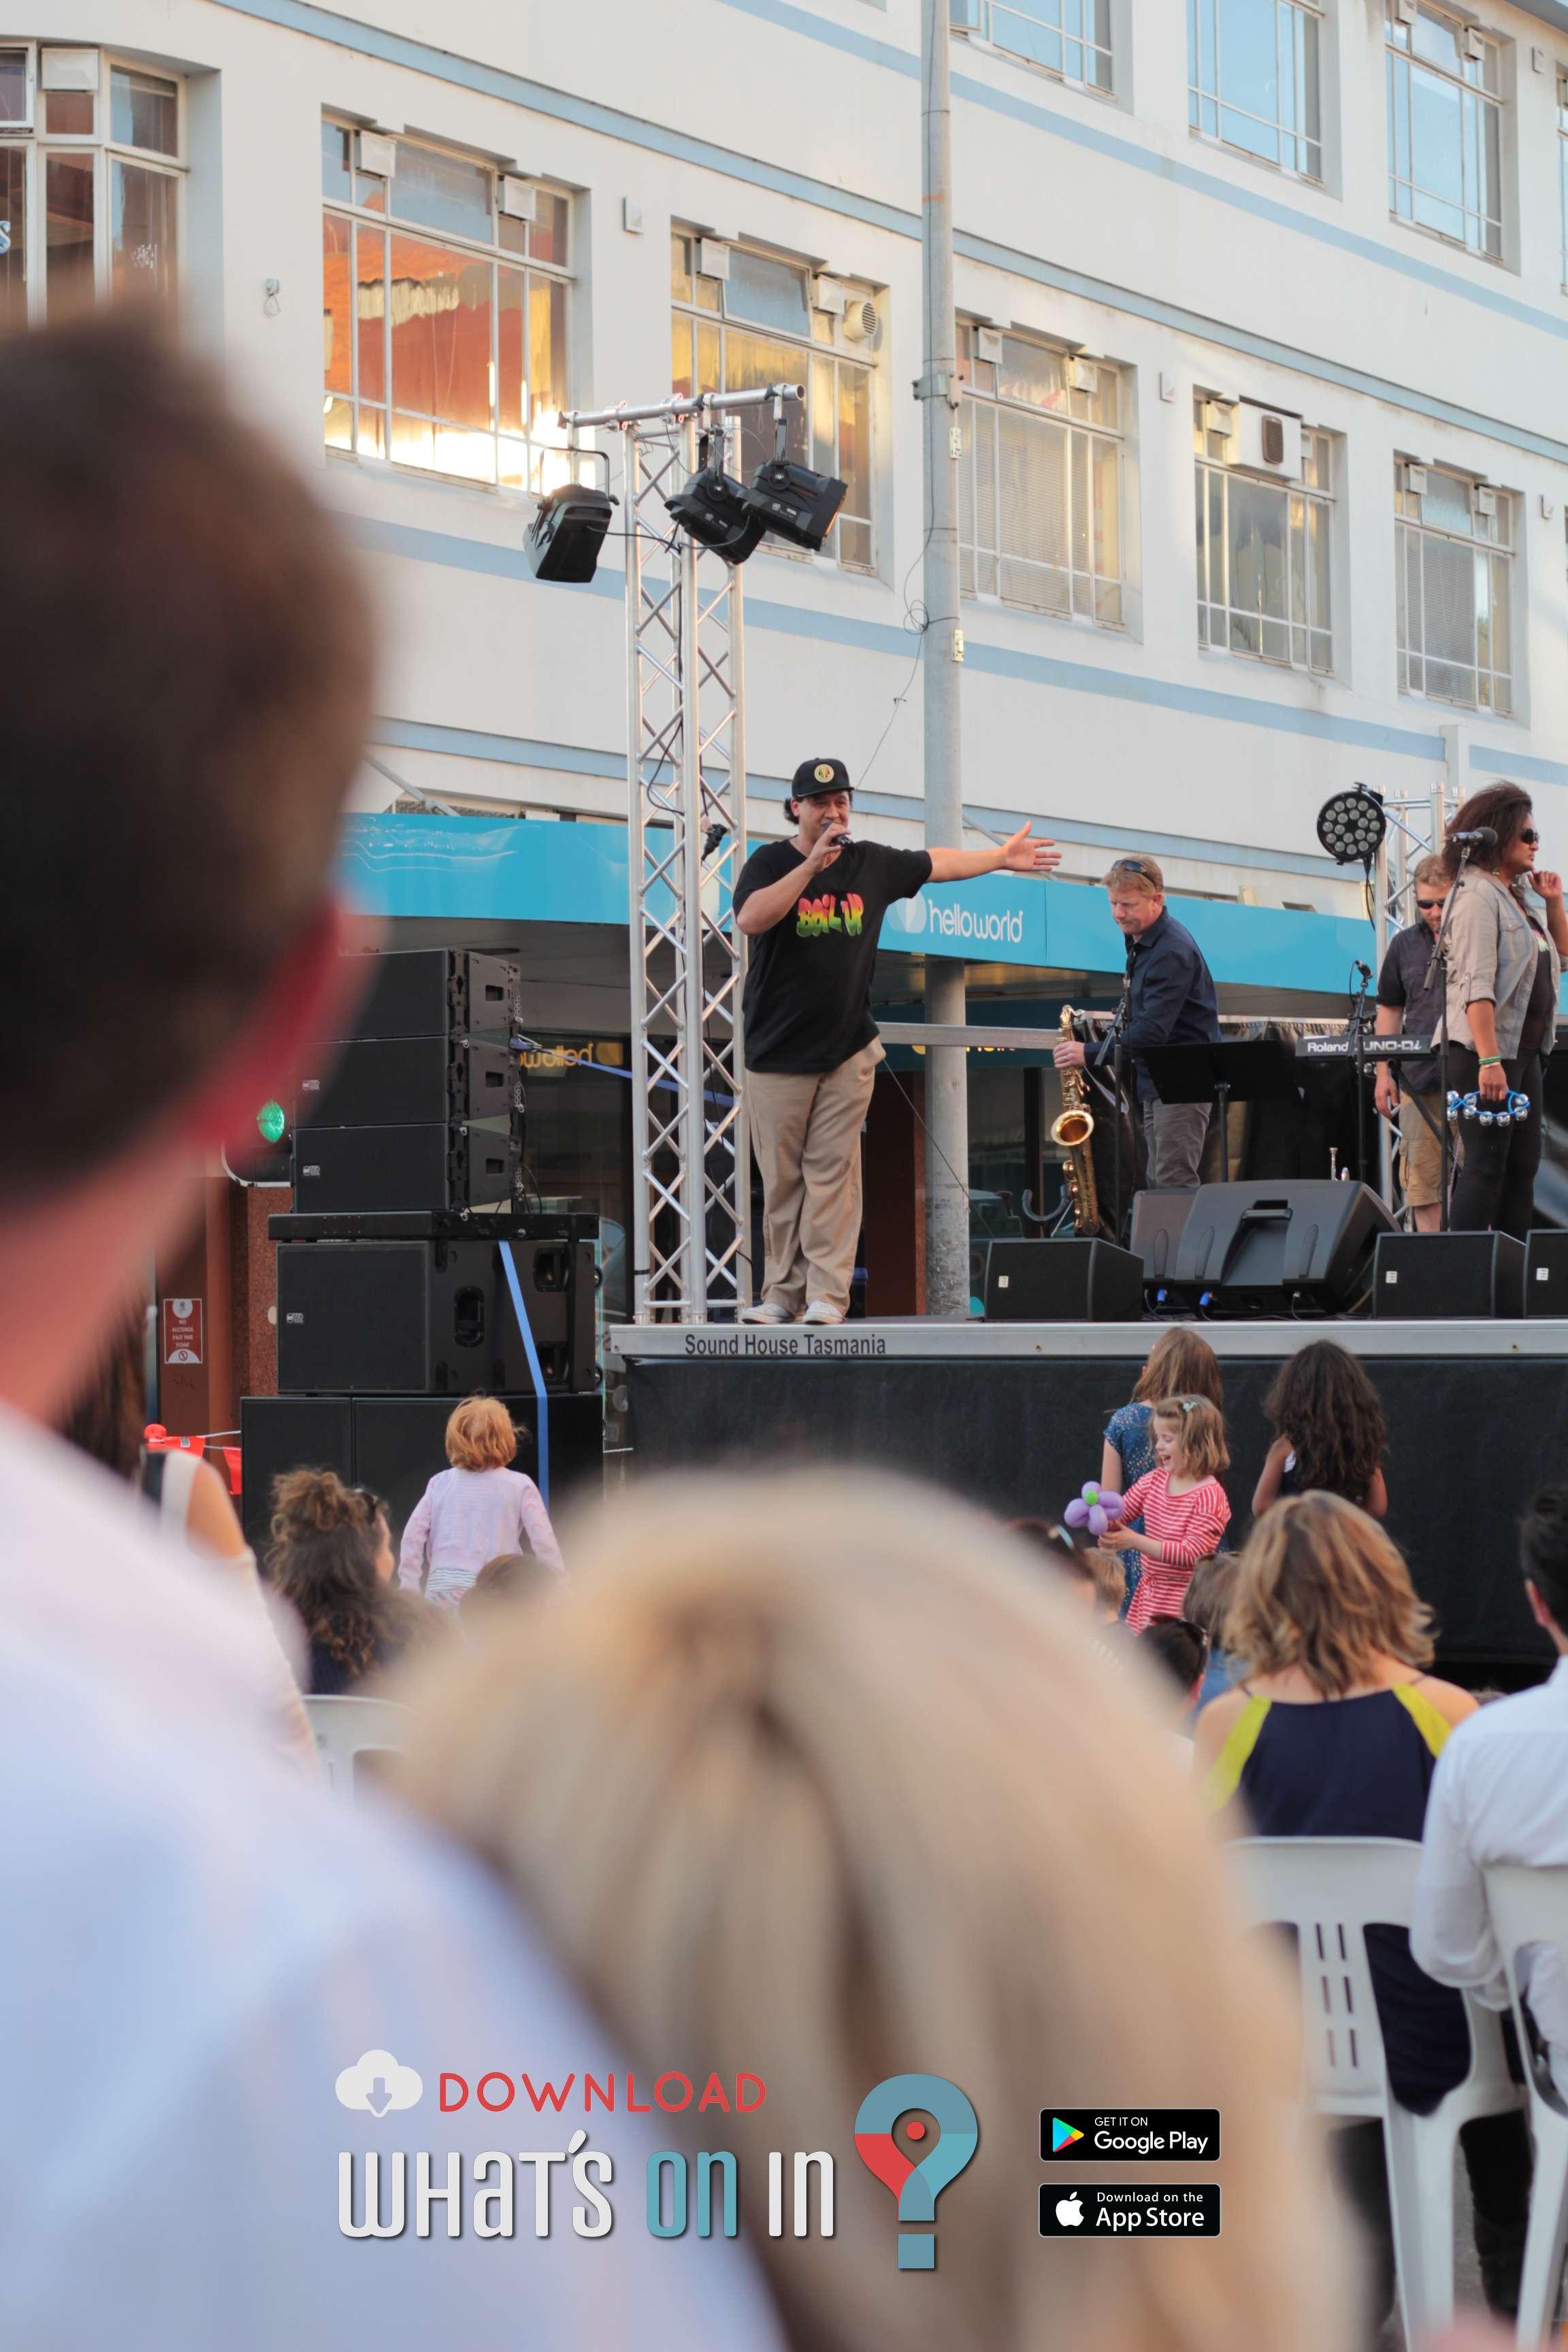 Fiesta on George Festival, Launceston, Tasmania 2016 - What's On In App 218 IMG_7983.jpg